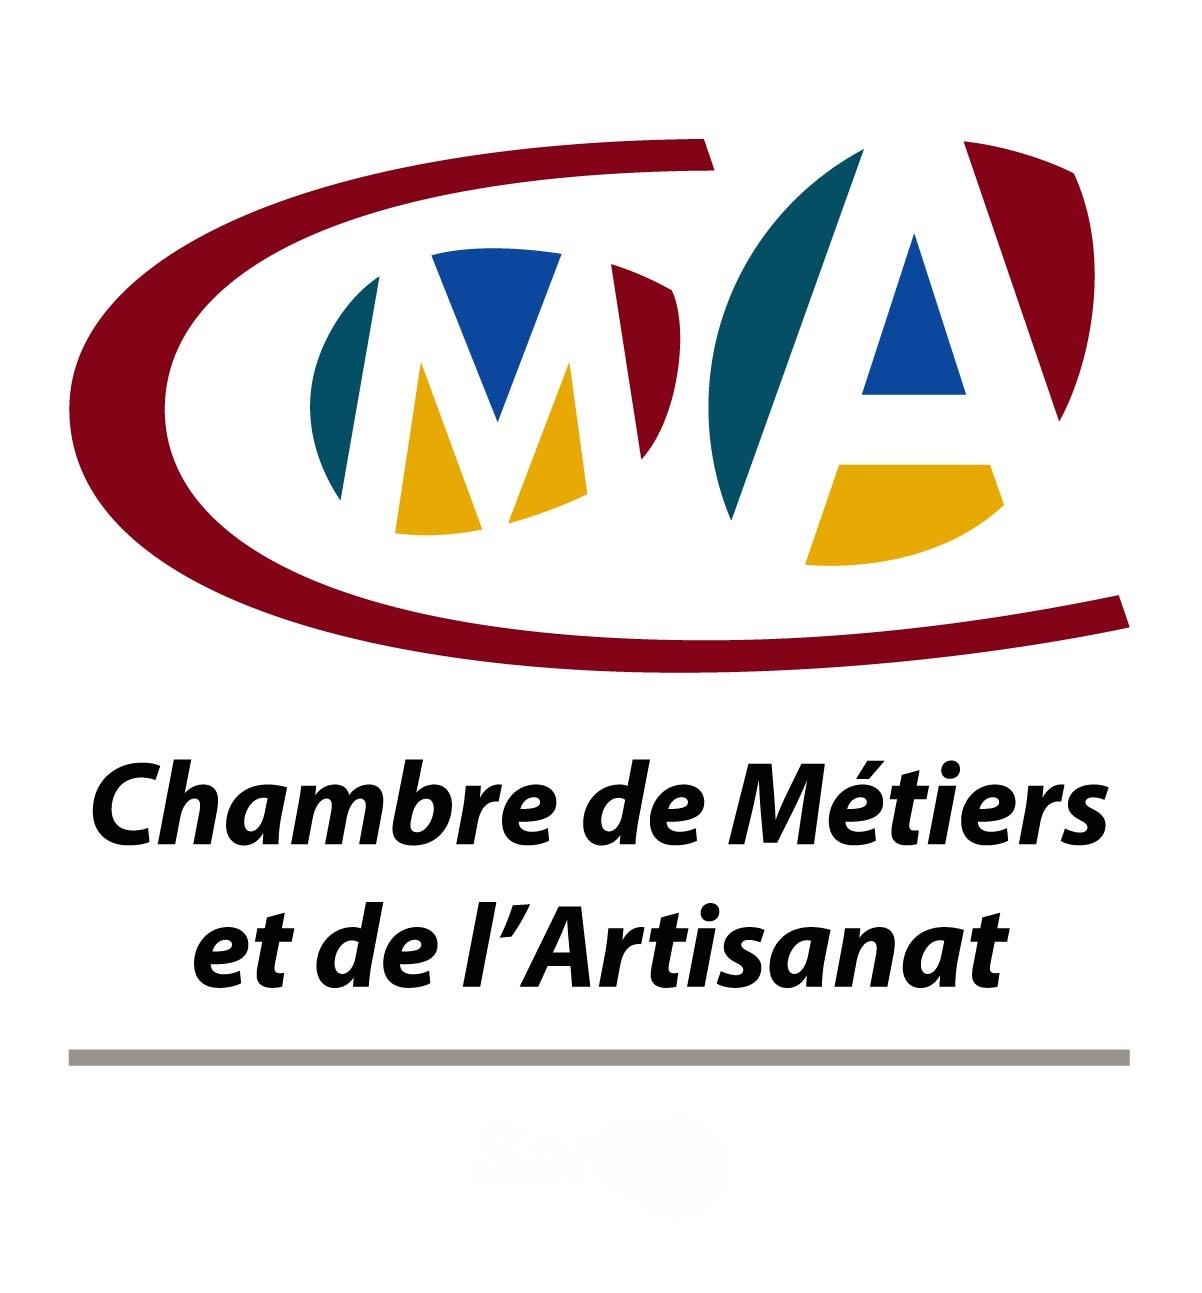 L'artisanat première entreprise de France